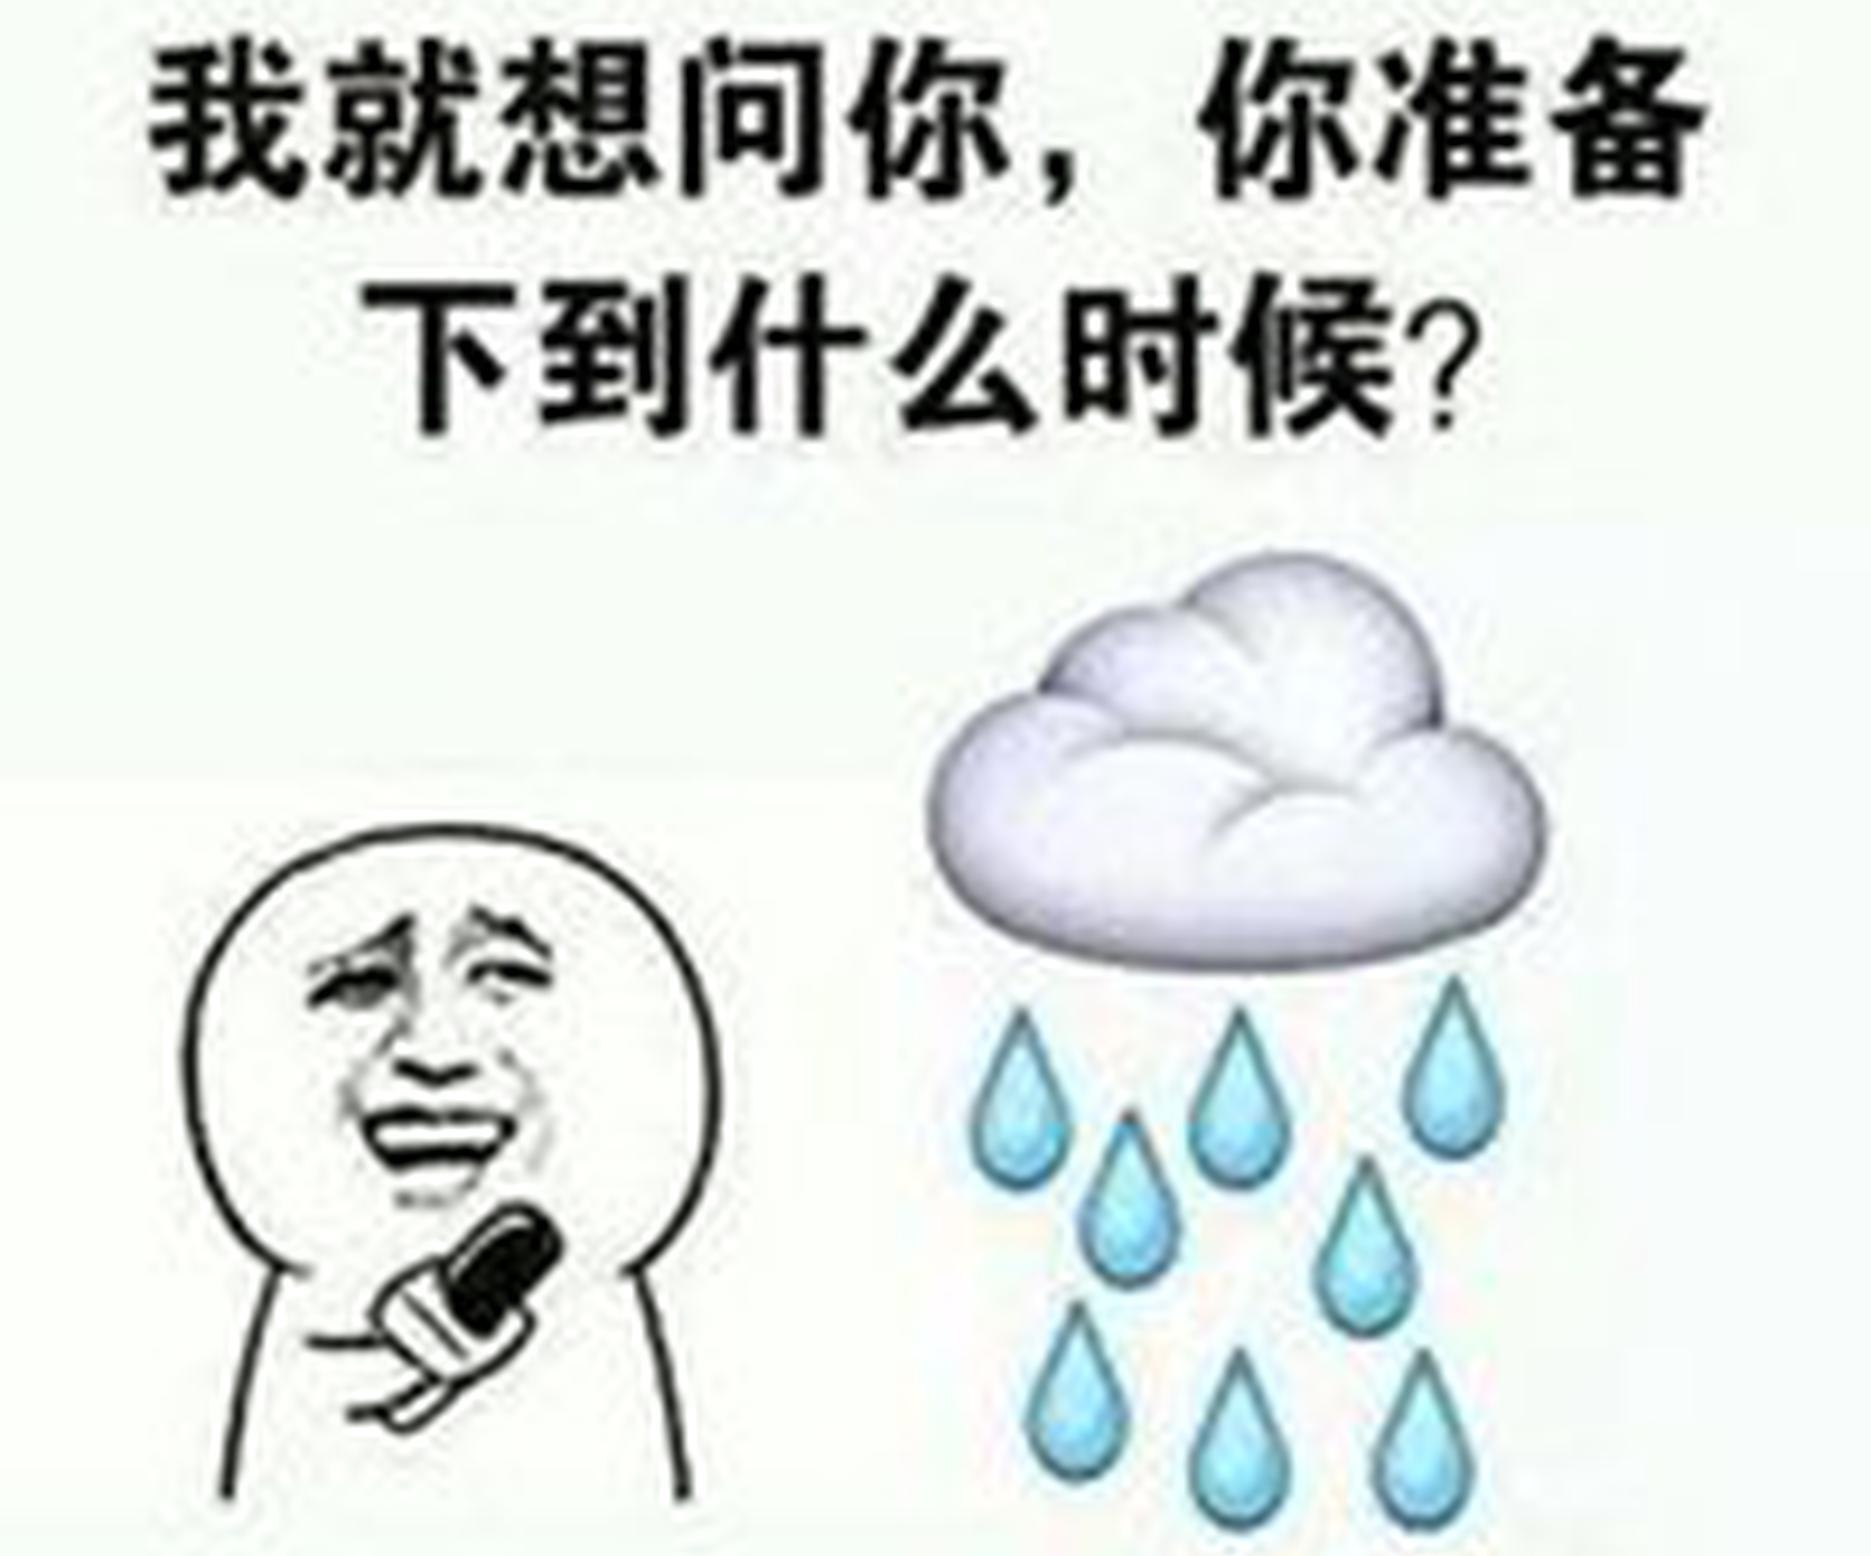 广西降雨天气仍将持续 桂西北降雨明显局部有暴雨